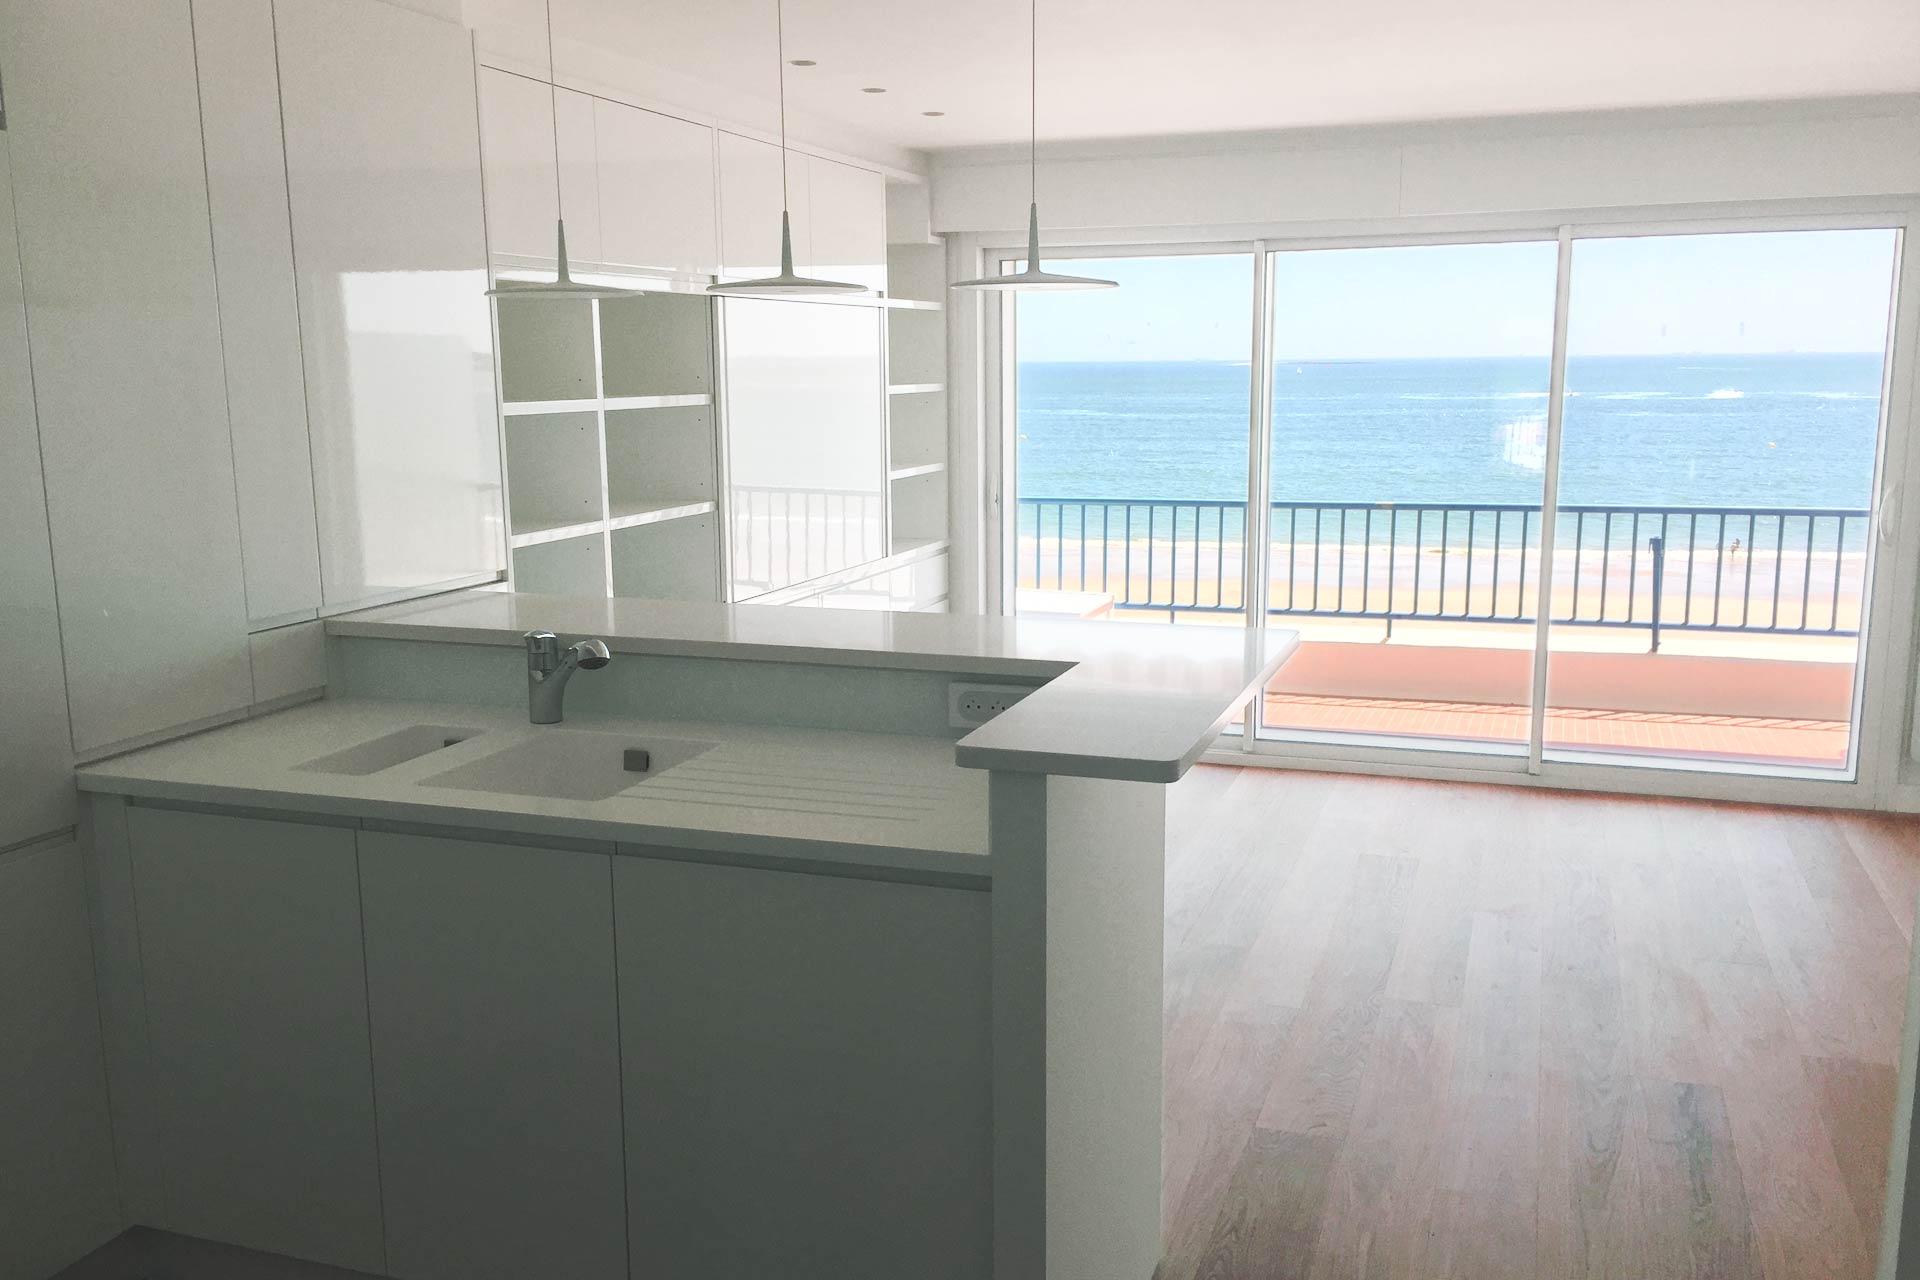 Cuisine sur mesure - rénovation complète d'un appartement Architecture d'intérieur